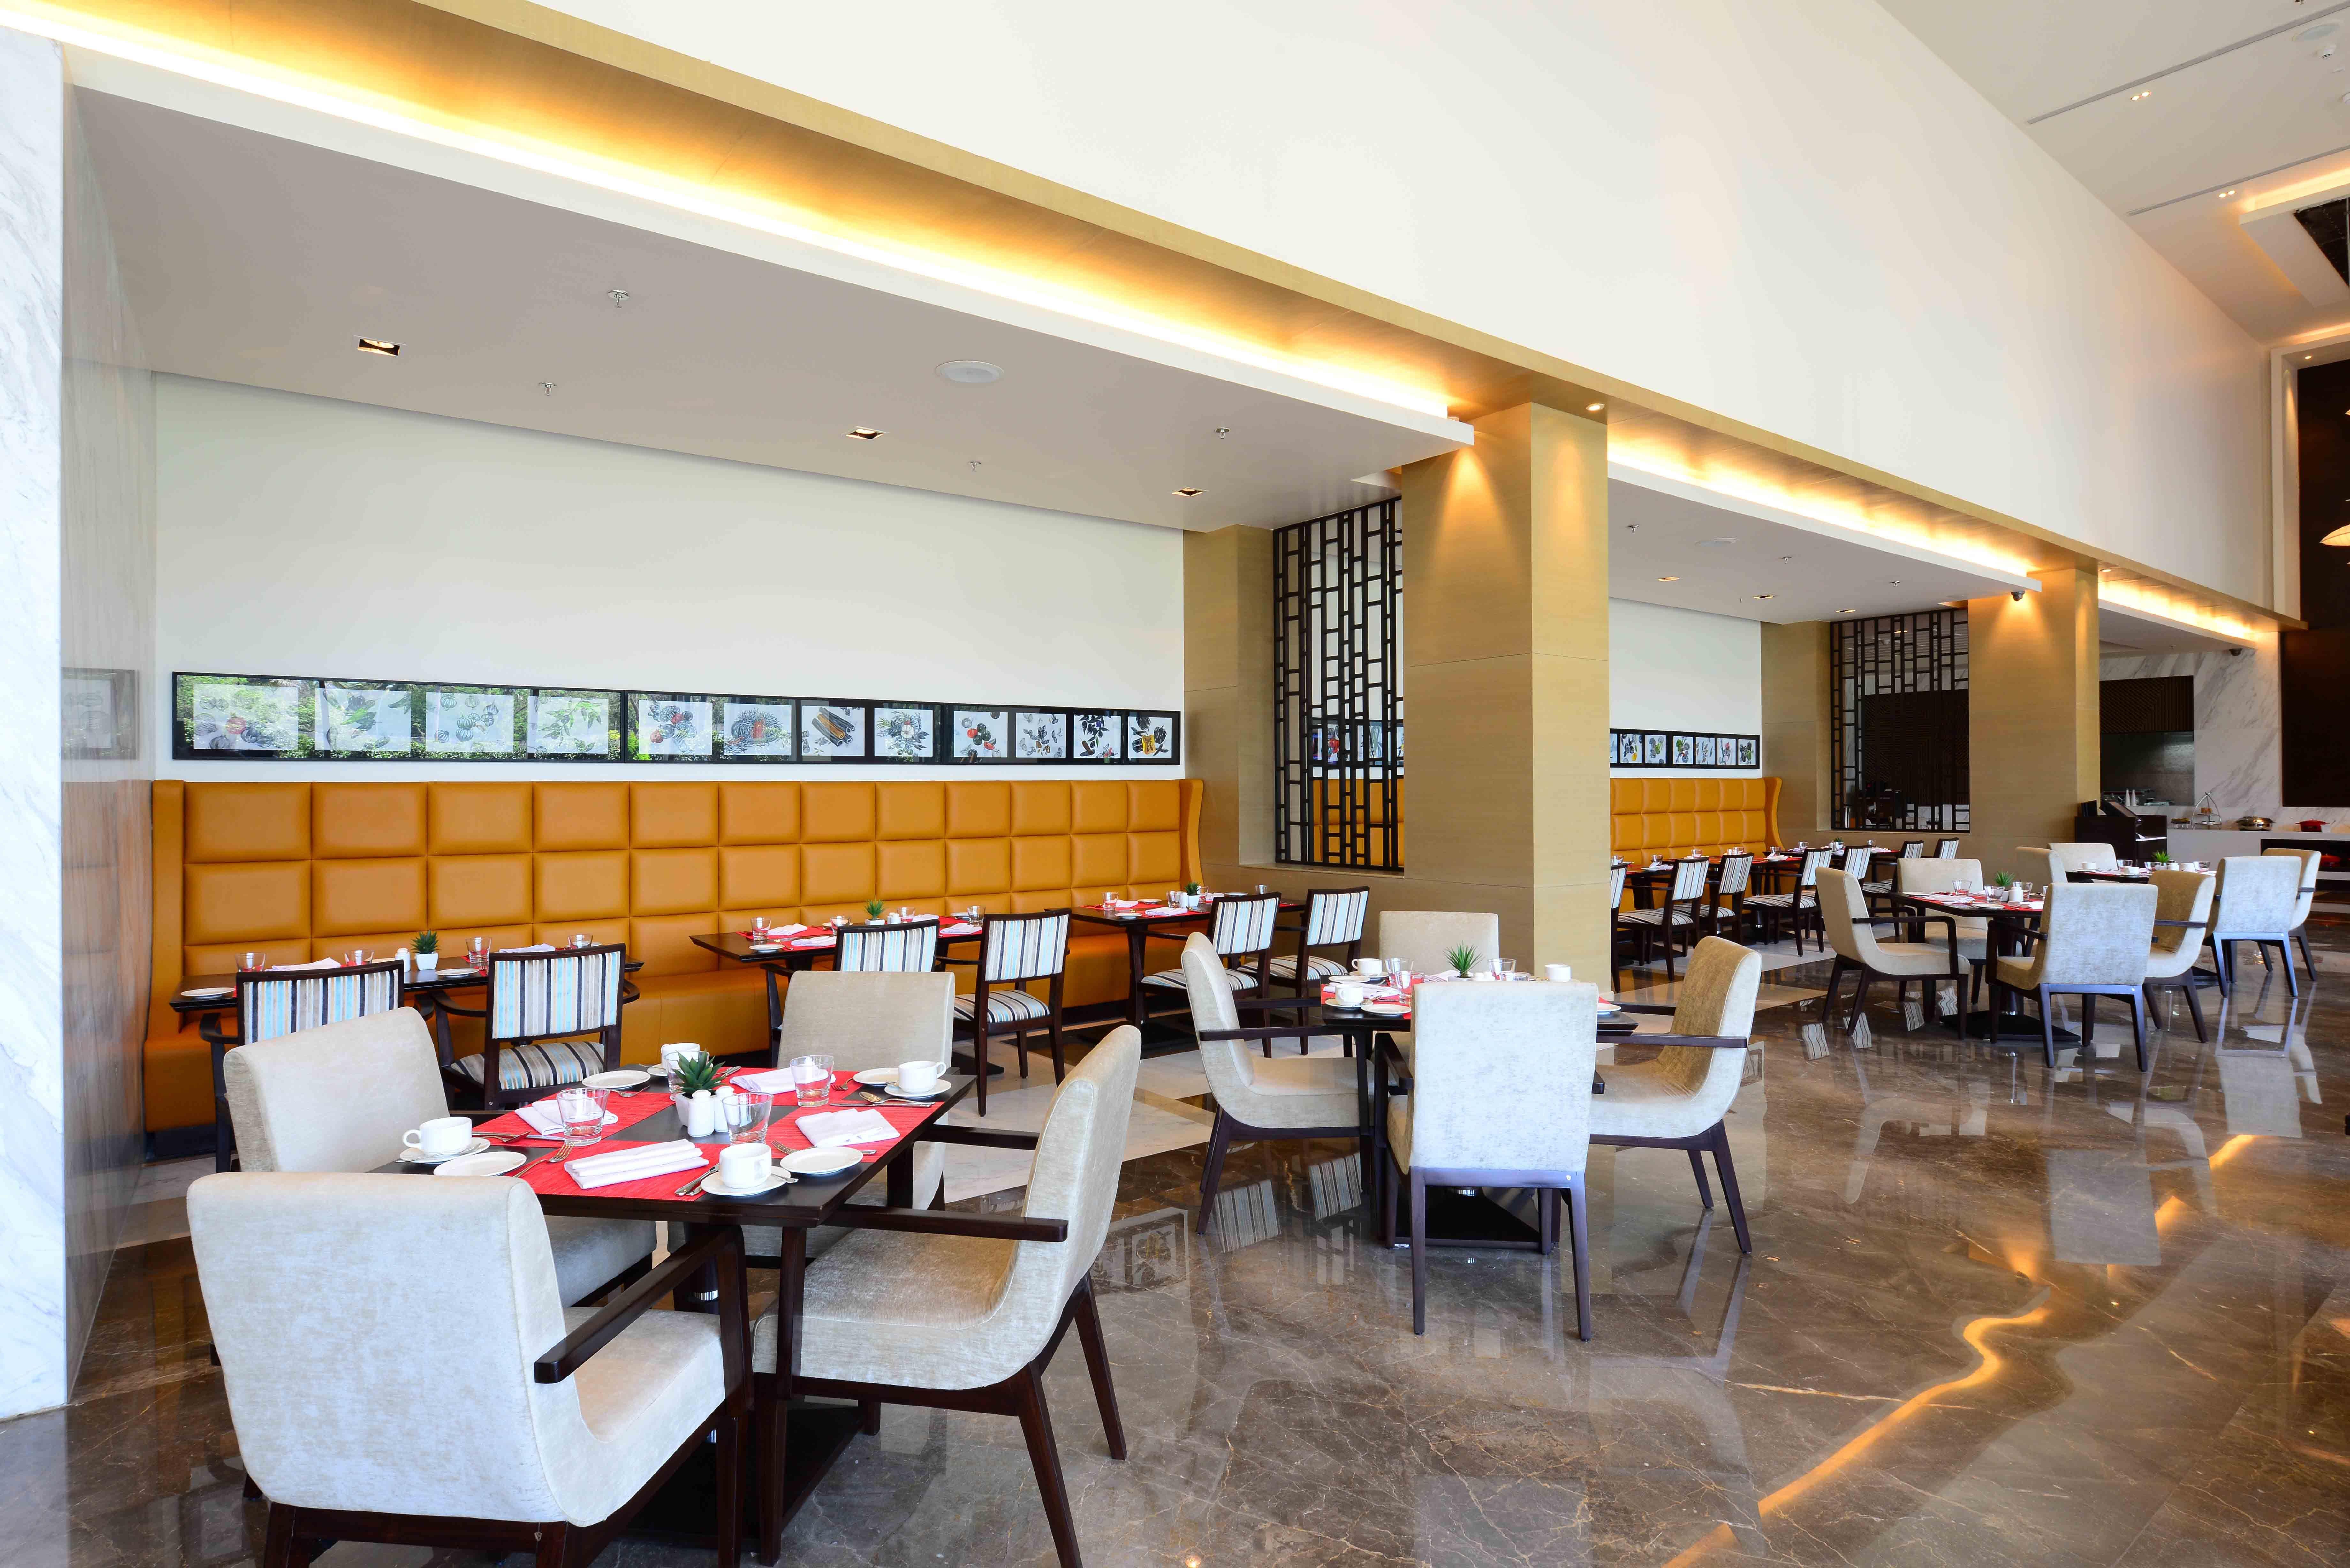 Restaurant Interior Design Ideas India 2020 By Urban Reflection Interior In 2020 Restaurant Interior Design Cafe Interior Design Restaurant Interior